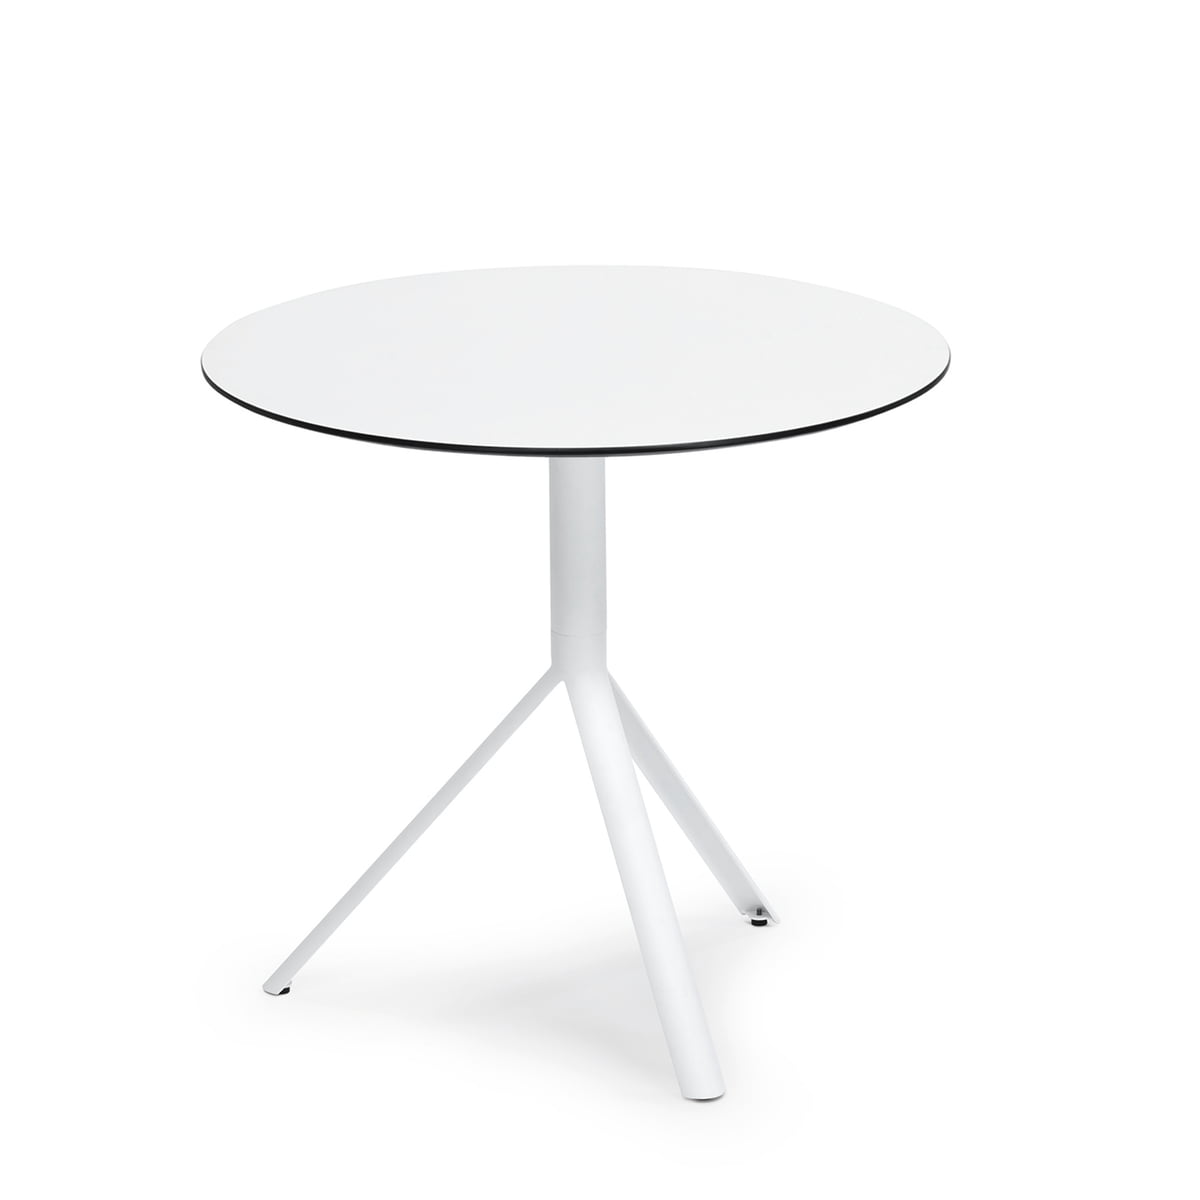 Tisch Rund 70 Cm Durchmesser.Weishäupl Trio Bistrotisch Rund ø 70 Cm Edelstahl Weiß Hpl Weiß